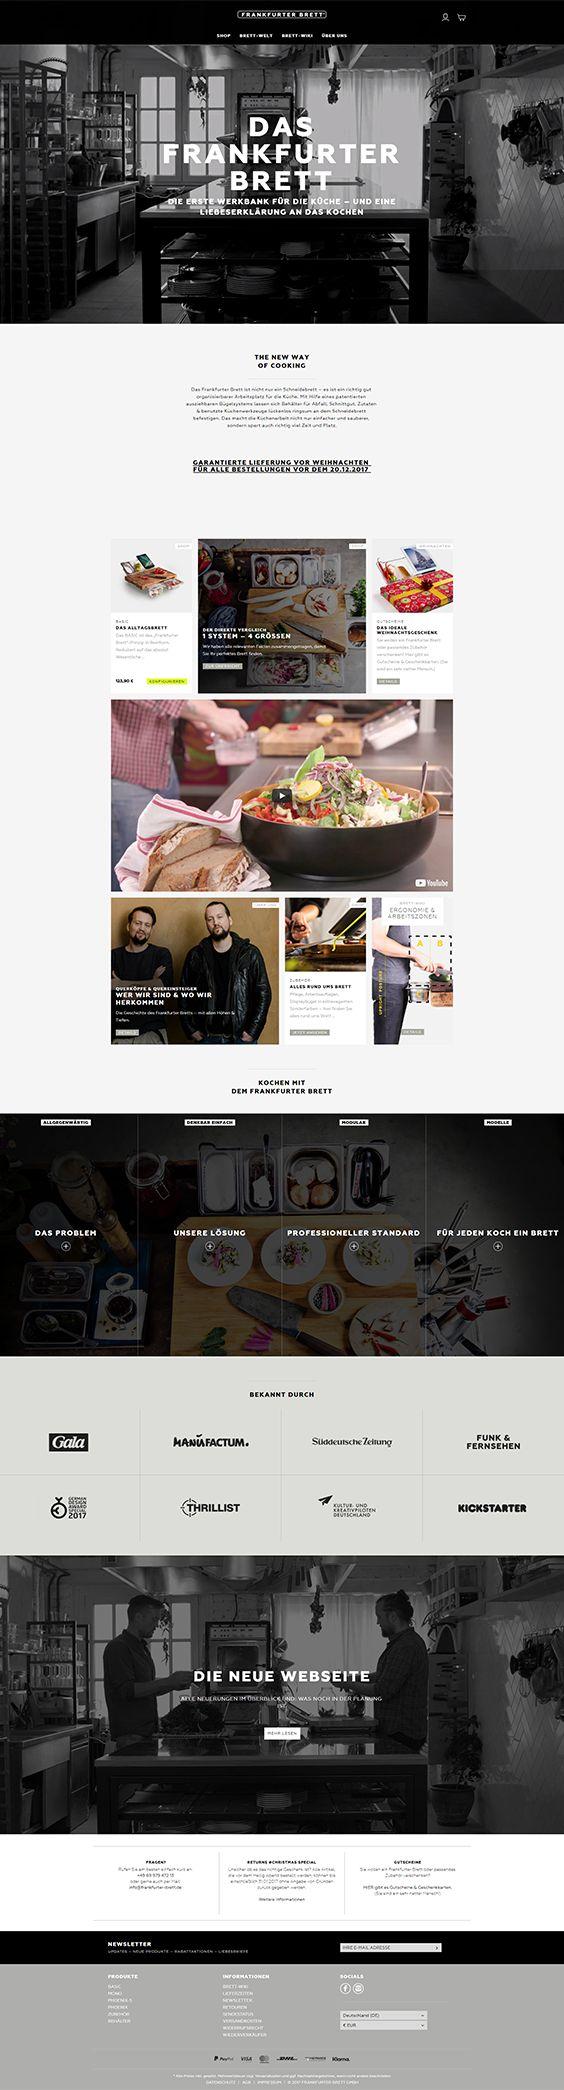 Shopware Design, Shopware Theme, Shopware Shop, eCommerce, eCommerce Software, eCommerce platform, Onlineshop, Interior, Kitchen accessories, Frankfurter Brett, wooden board